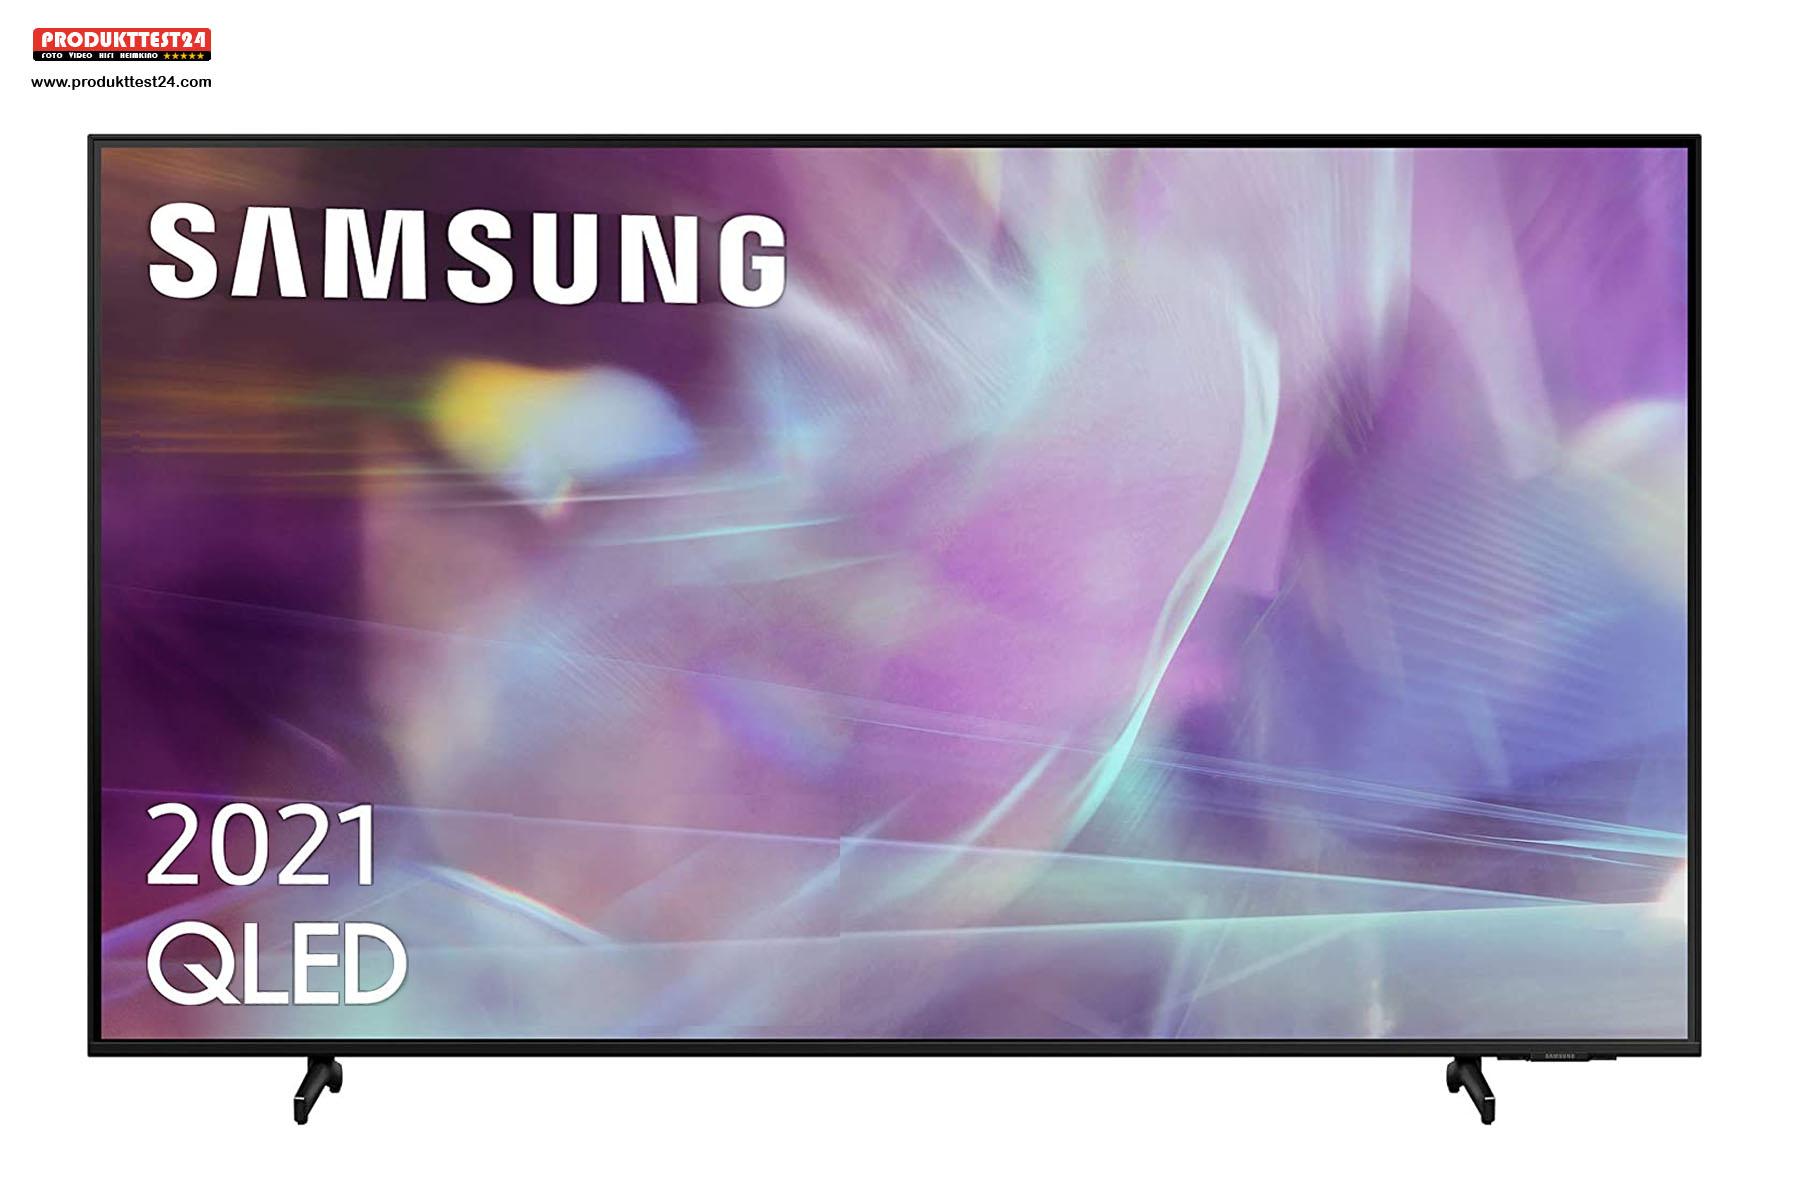 Samsung GQ50Q60AQLED 4K-Fernseher